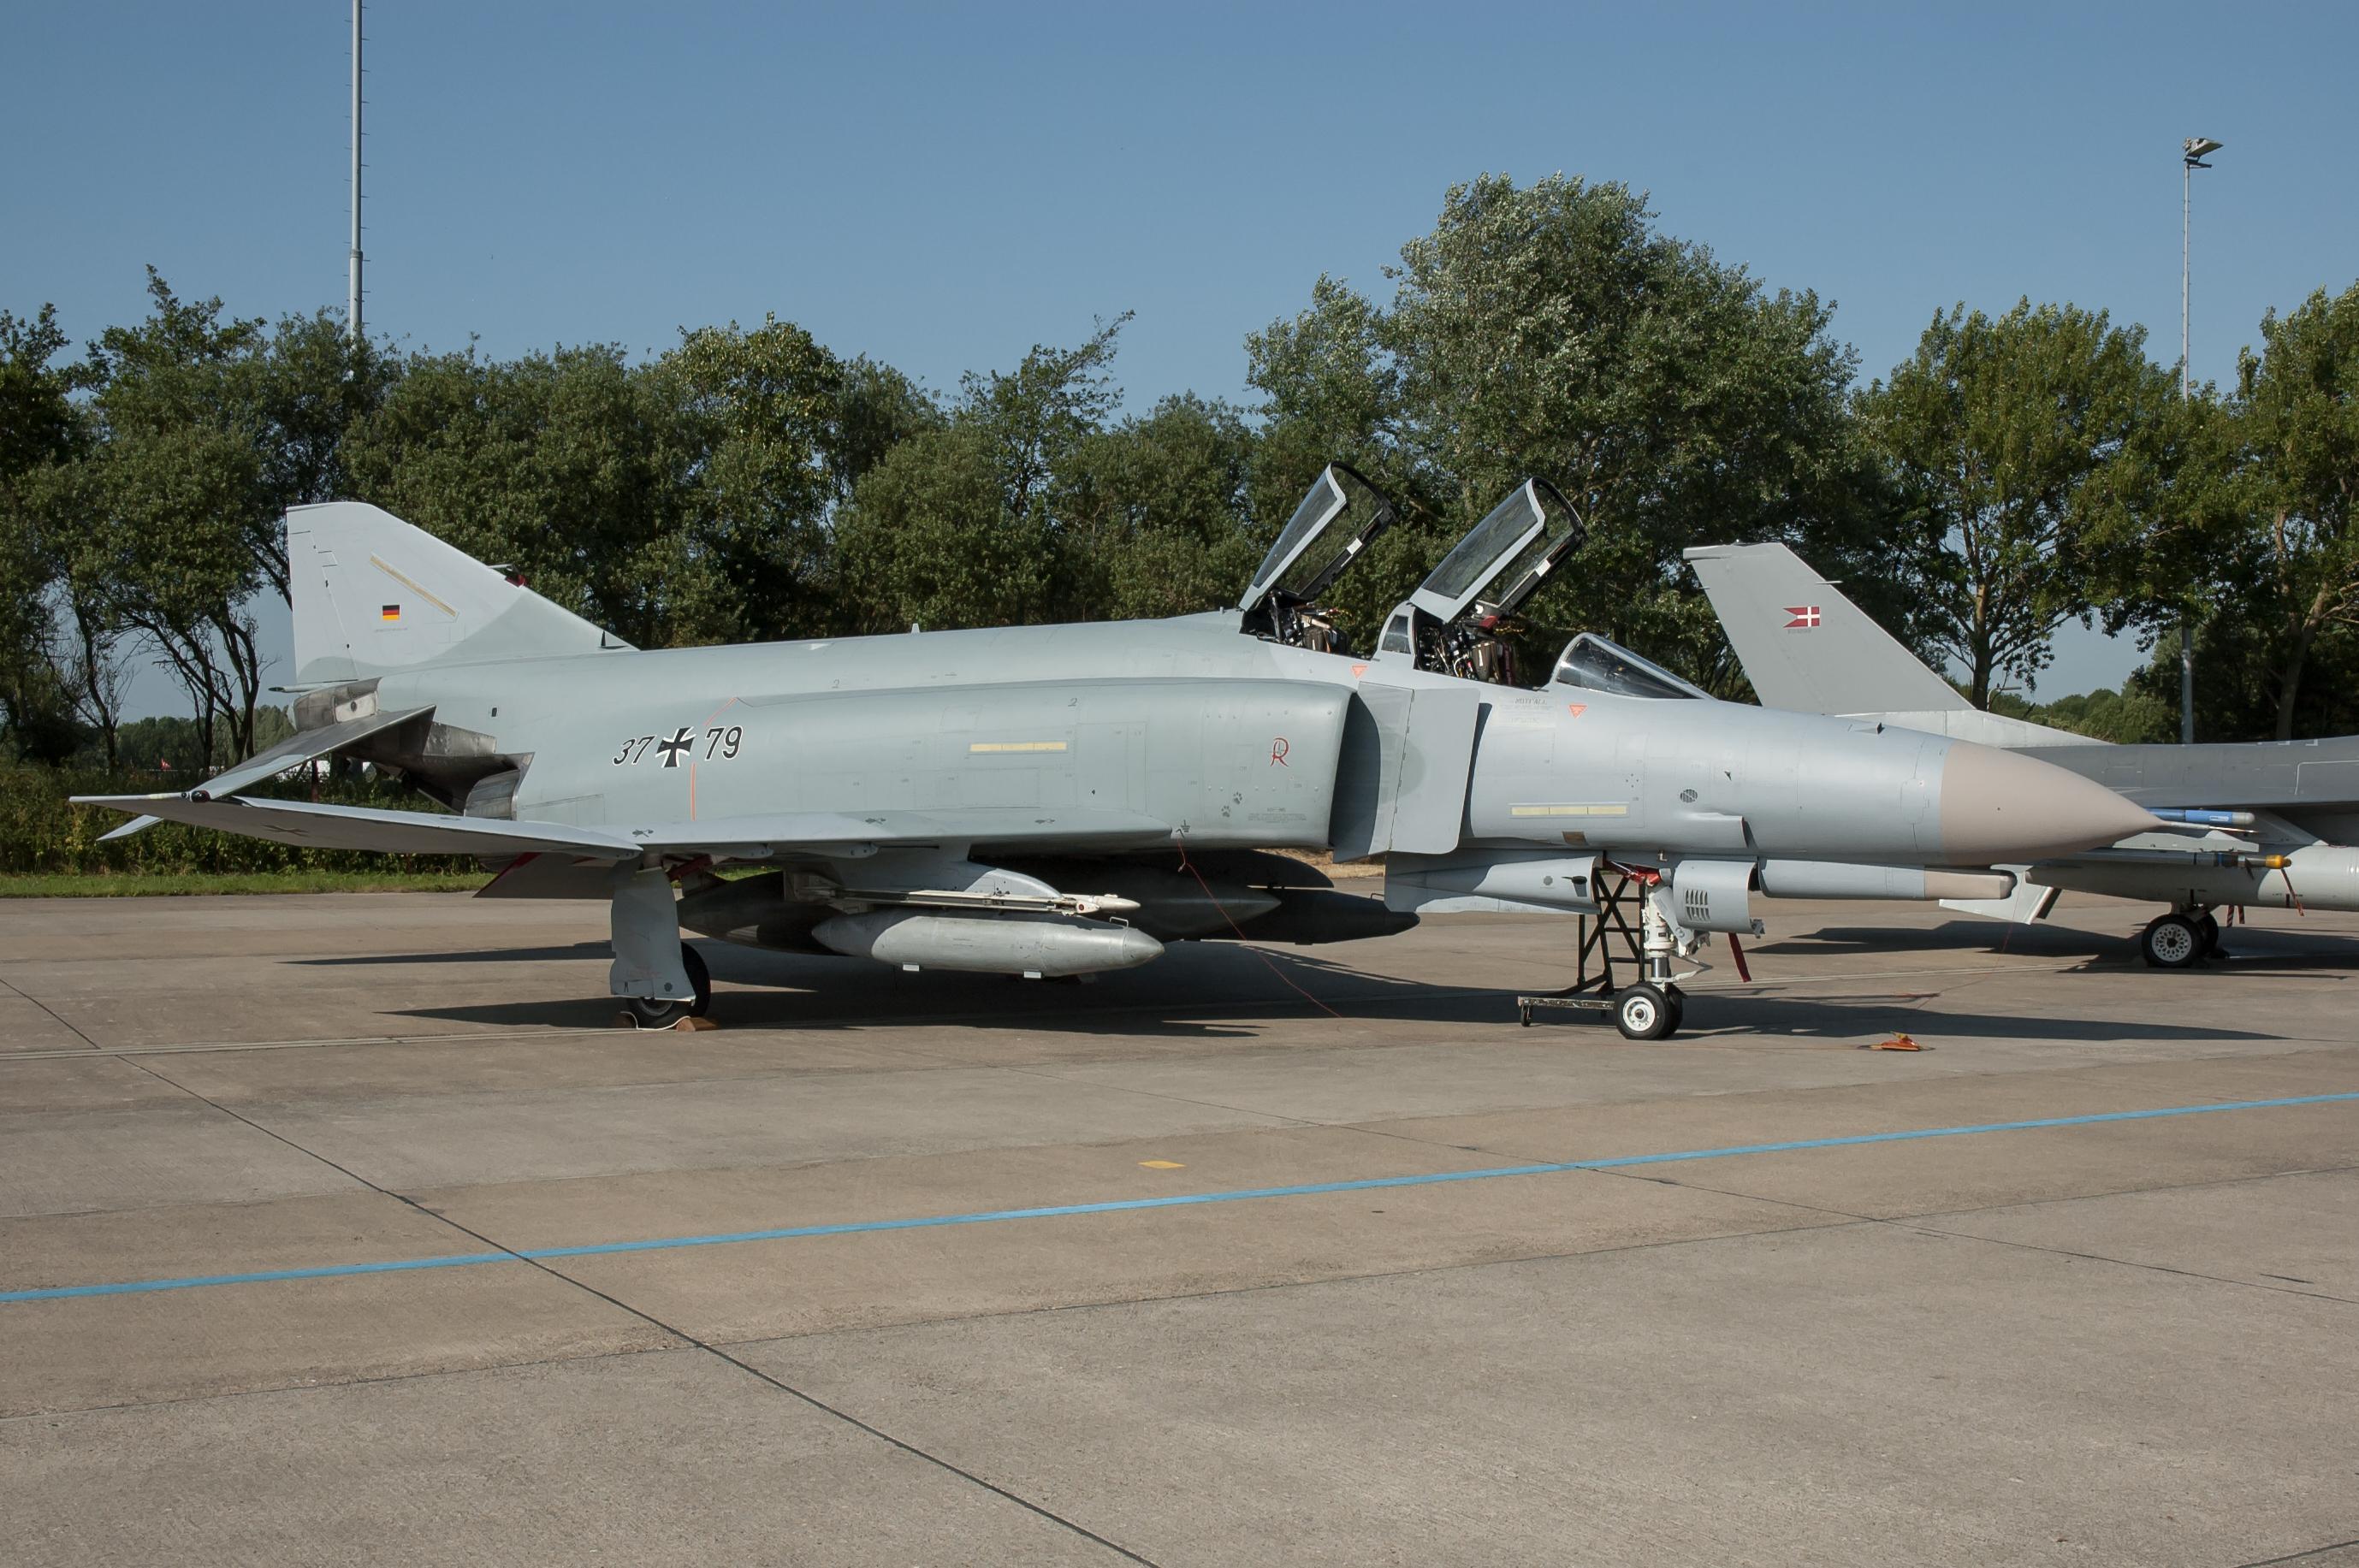 レーワルデン空軍基地 - Wikipedia